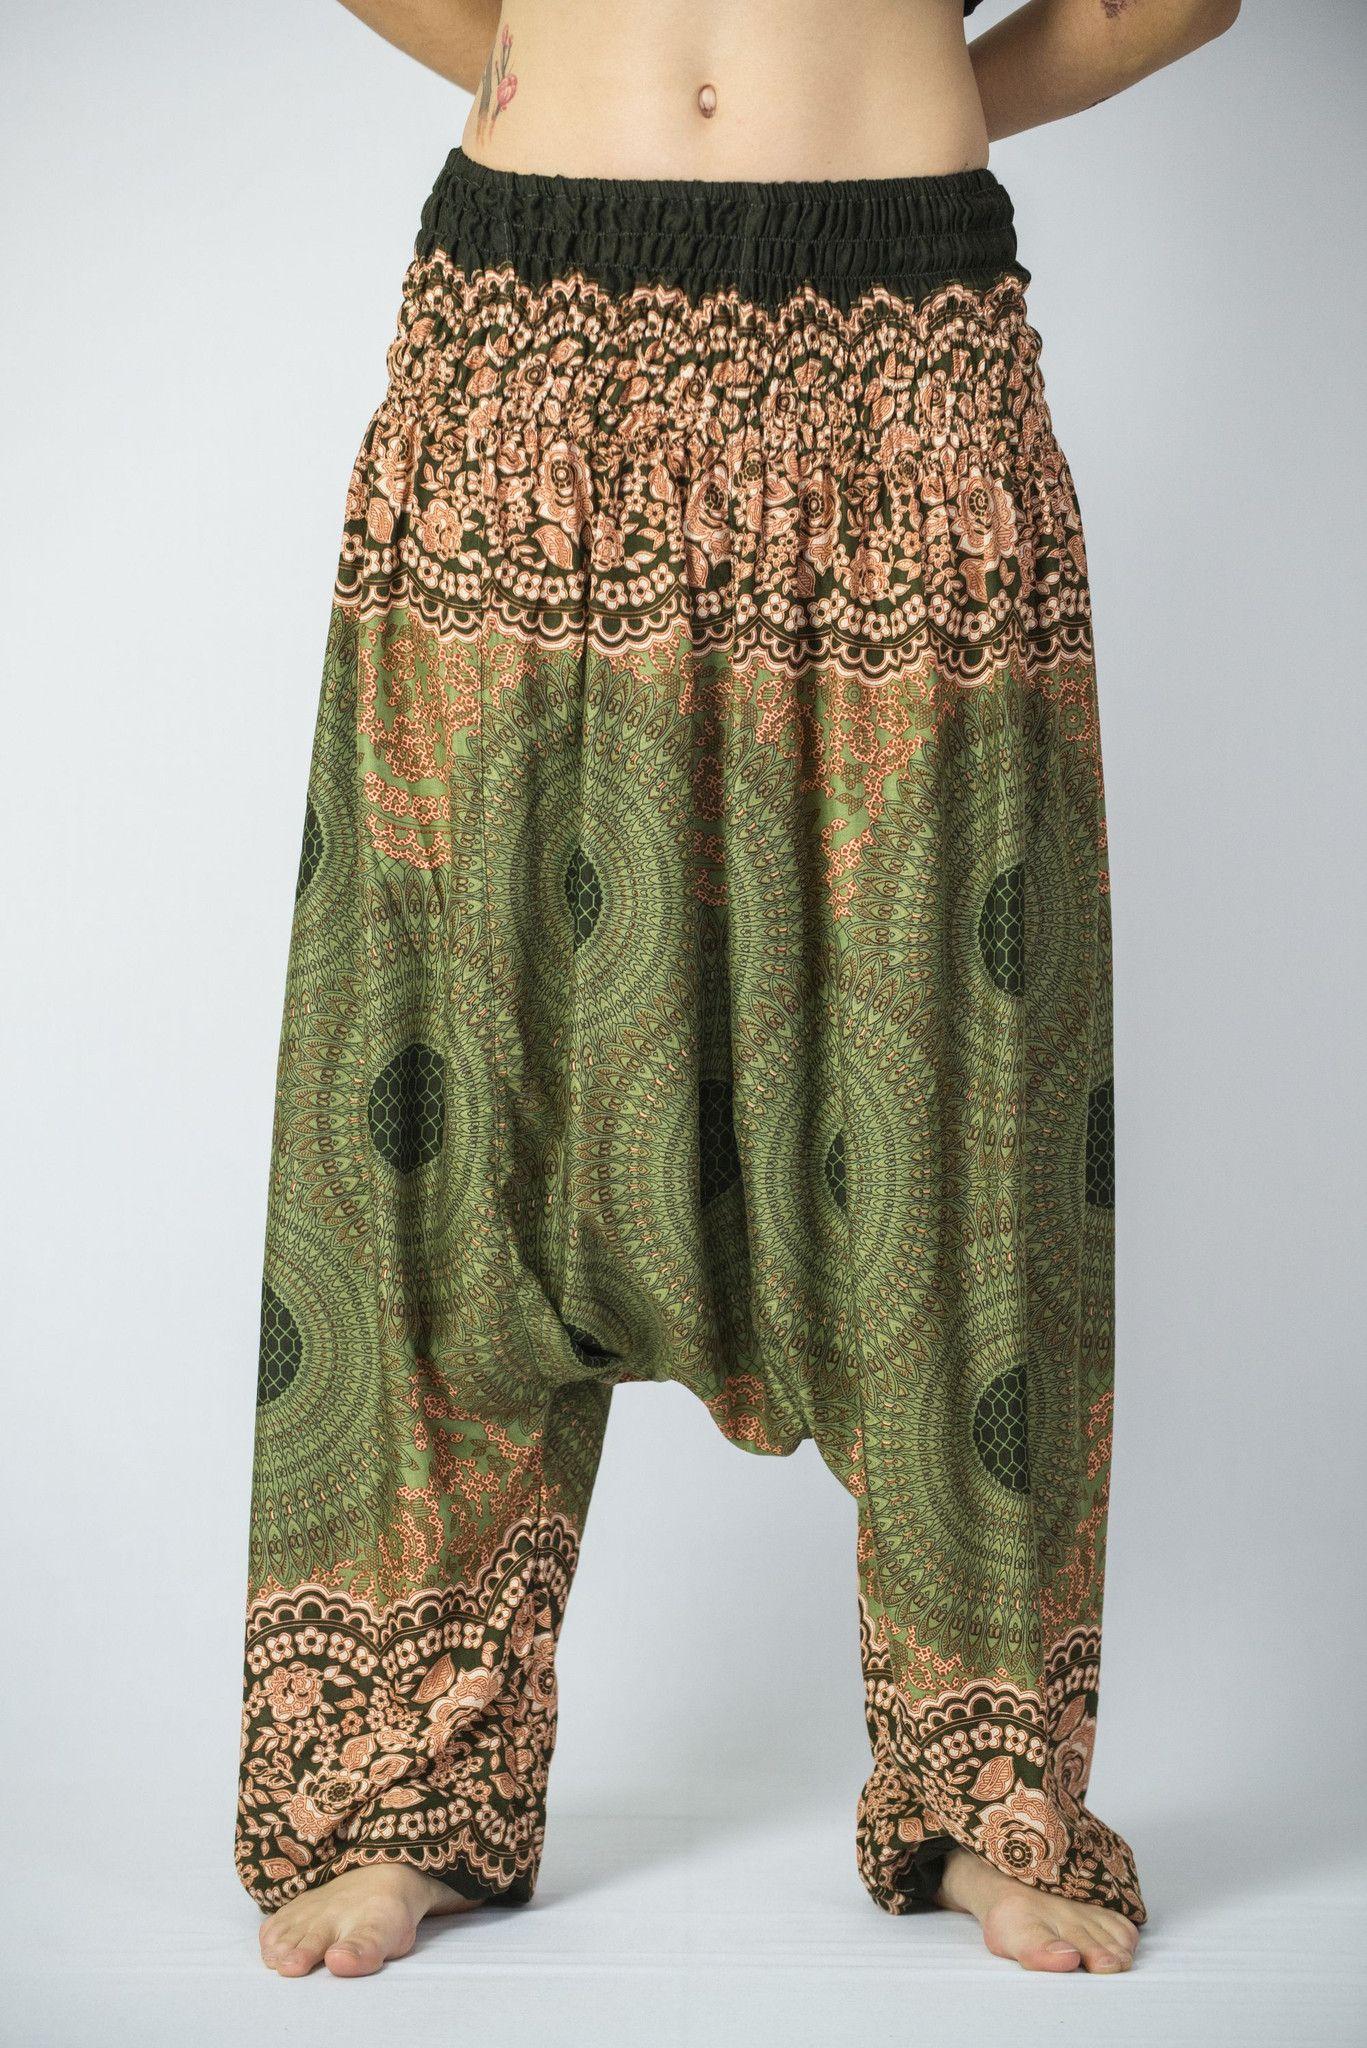 71c2f8af9 Geometric Mandalas Low Cut Women s Harem Pants in Olive